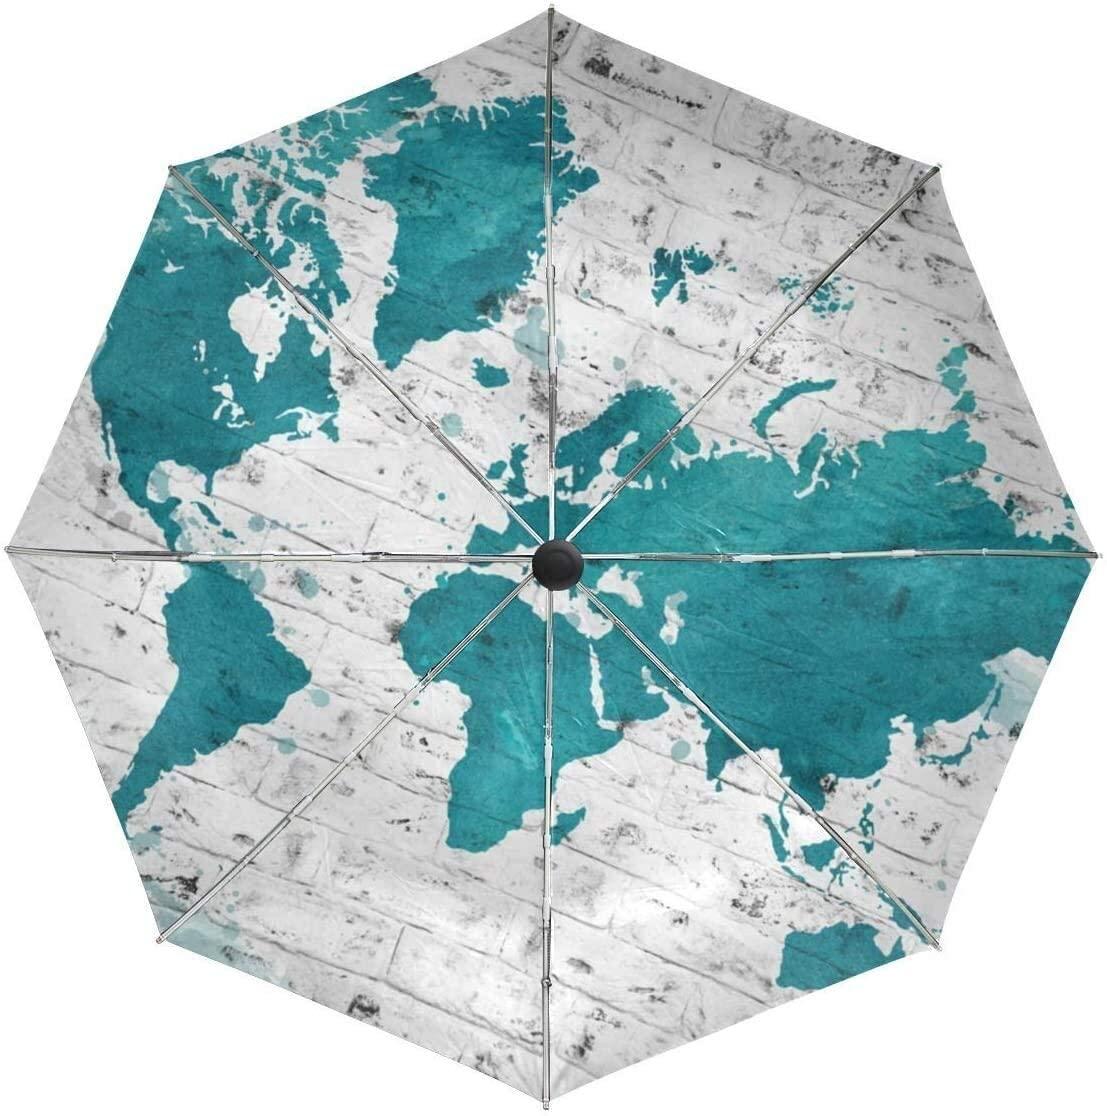 ASDF Automatic Umbrellas Watercolor Retro World Map Anti-Slip Windproof Compact Rain Umbrella for Women Men